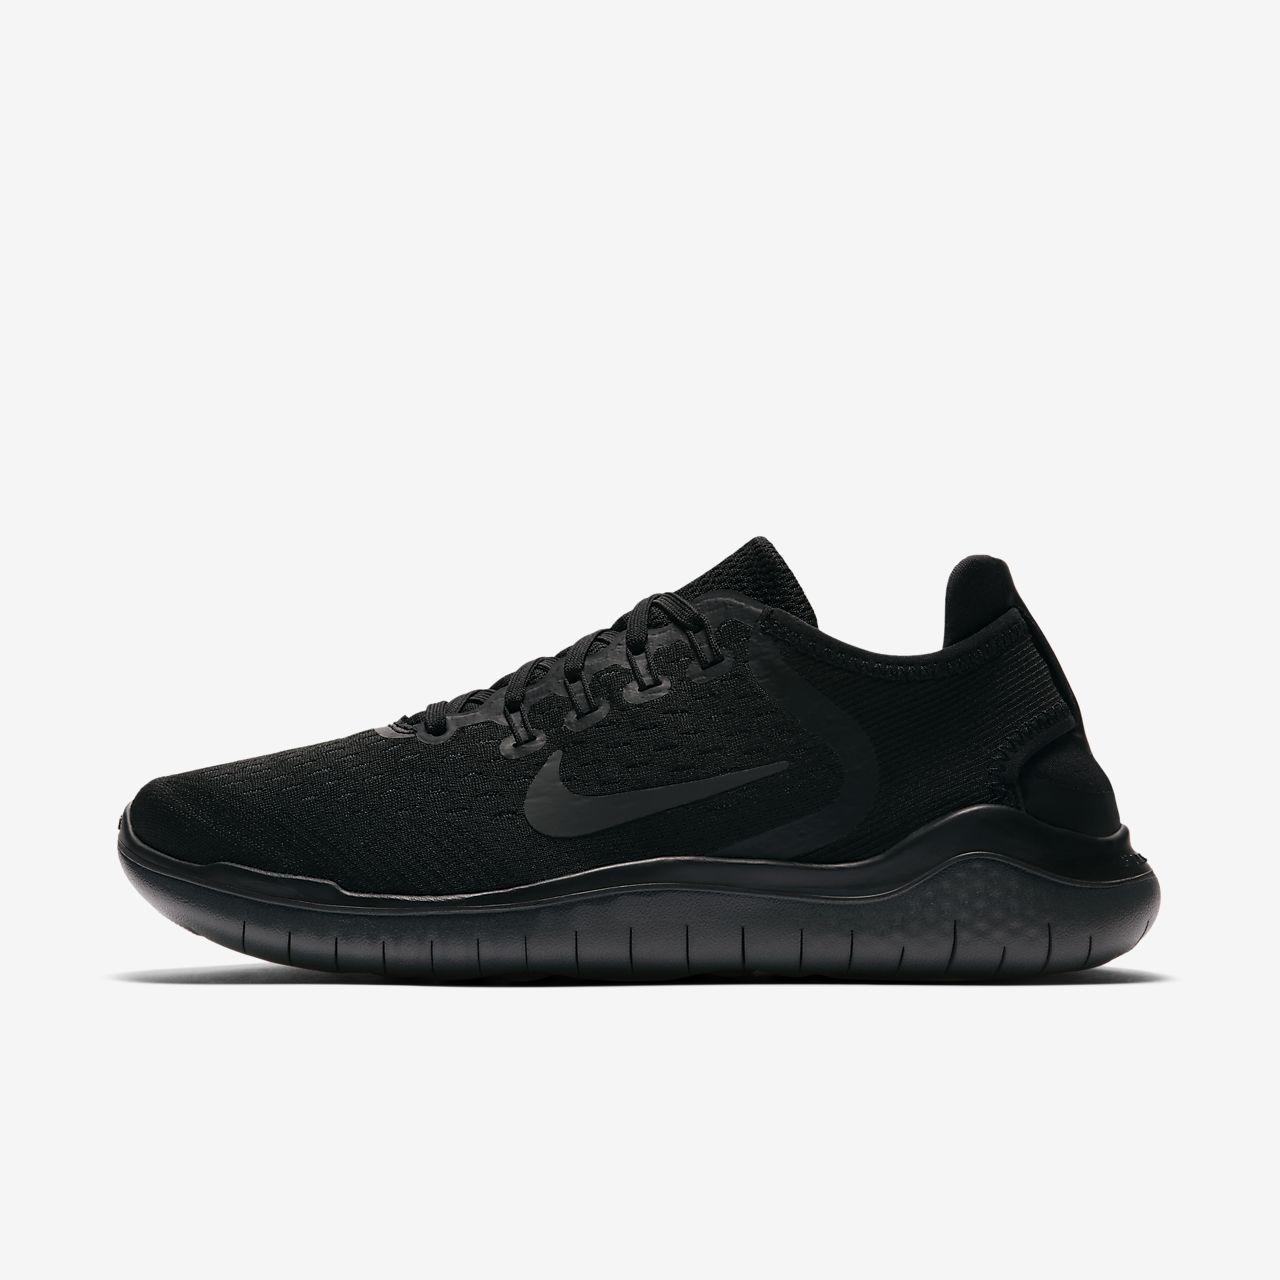 4a658f4fc Nike Free RN 2018 Women's Running Shoe. Nike.com